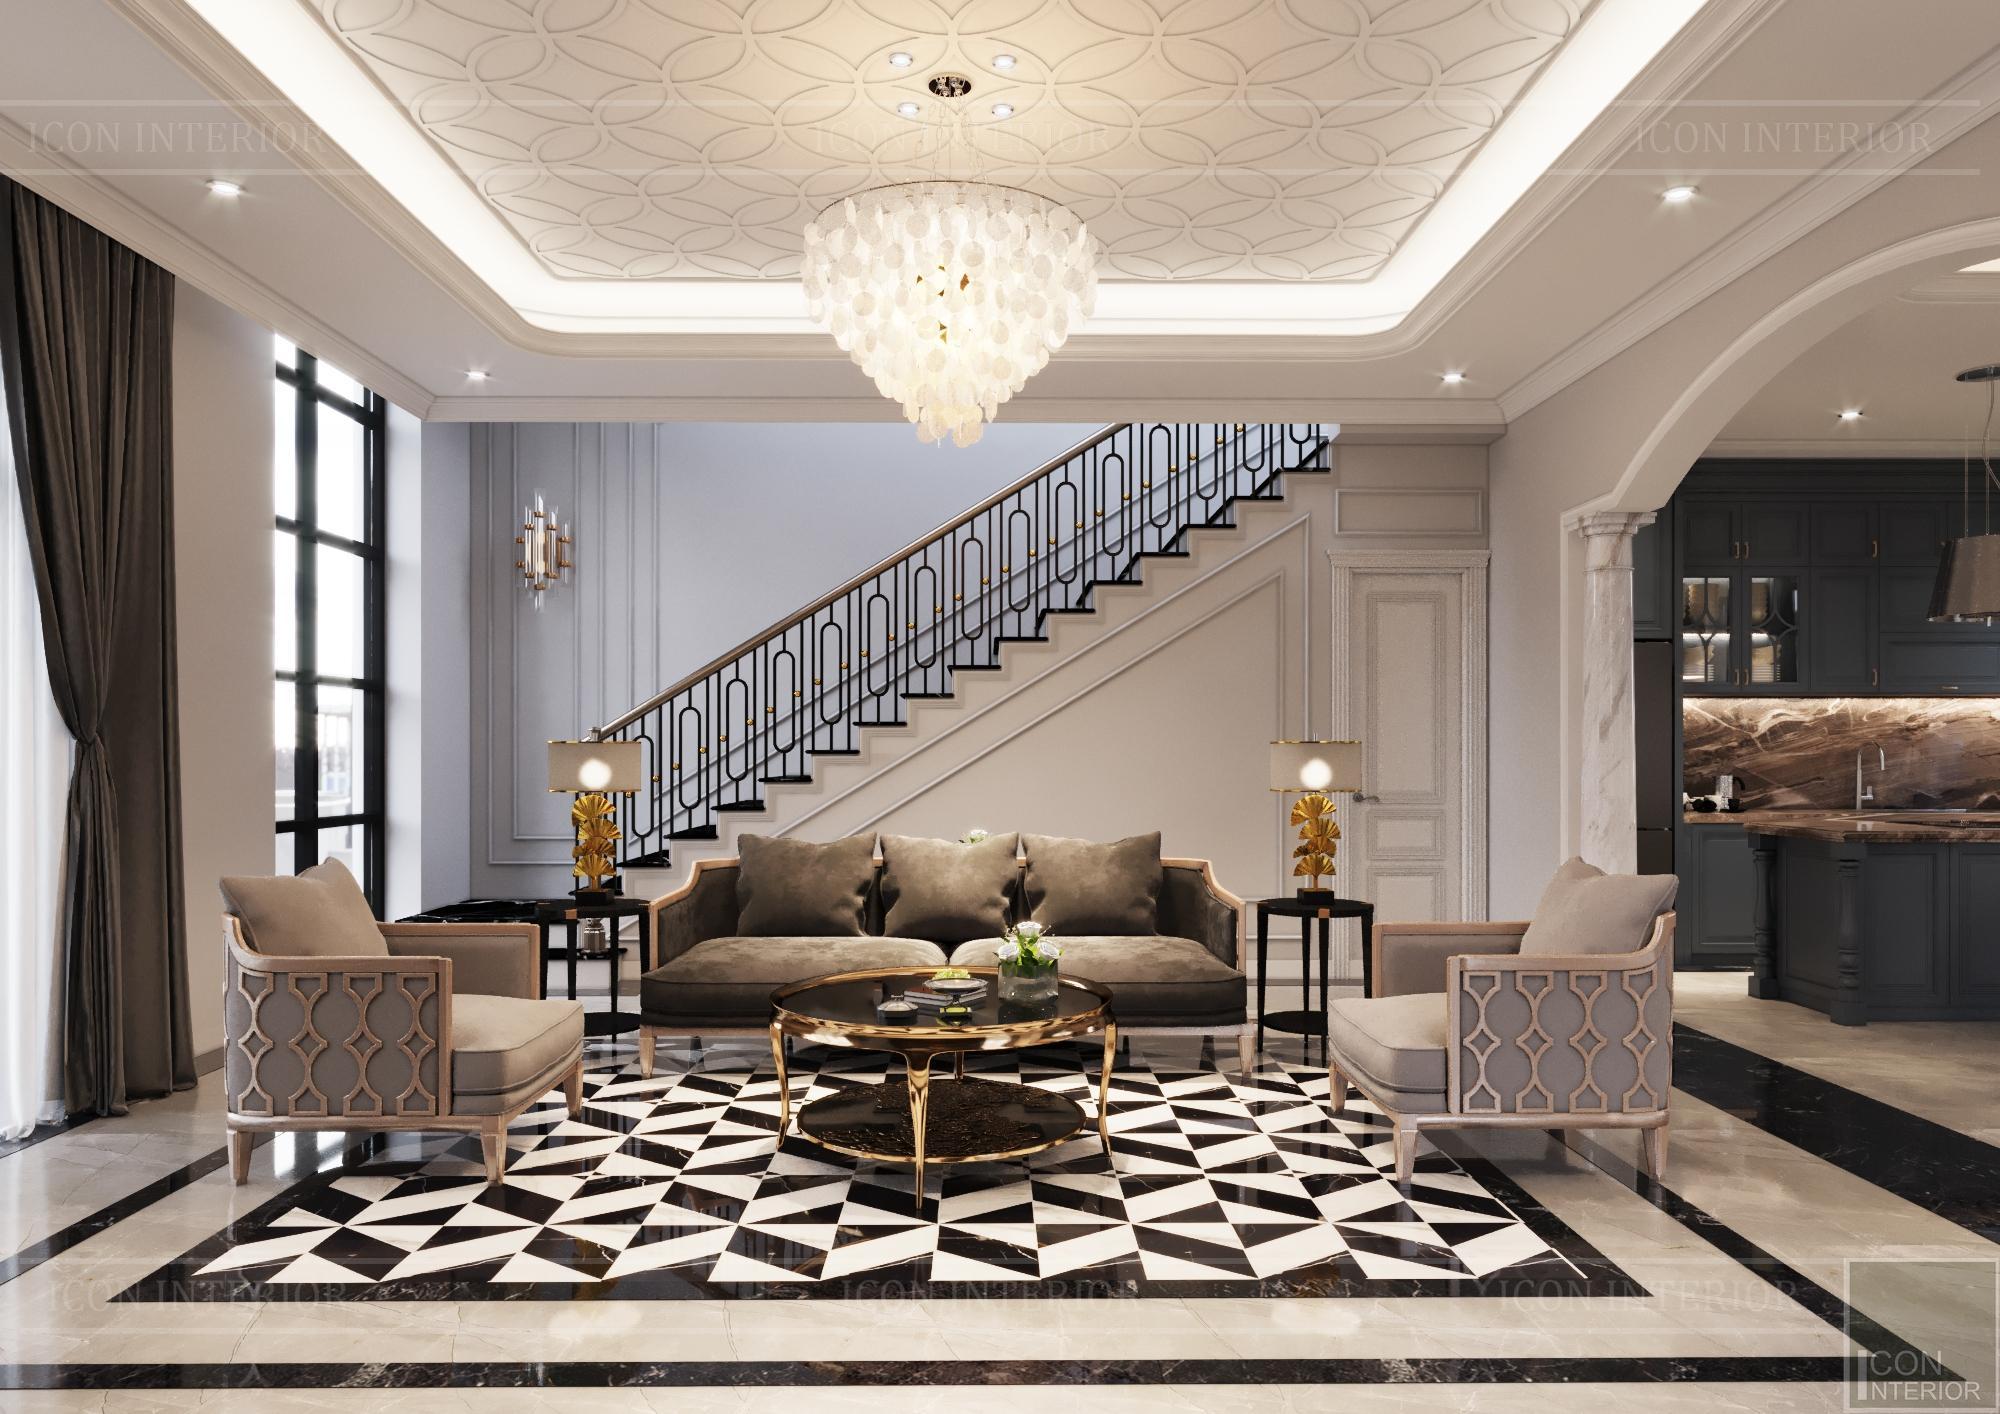 Thiết kế biệt thự 3 tầng sân Golf - phòng khách 1